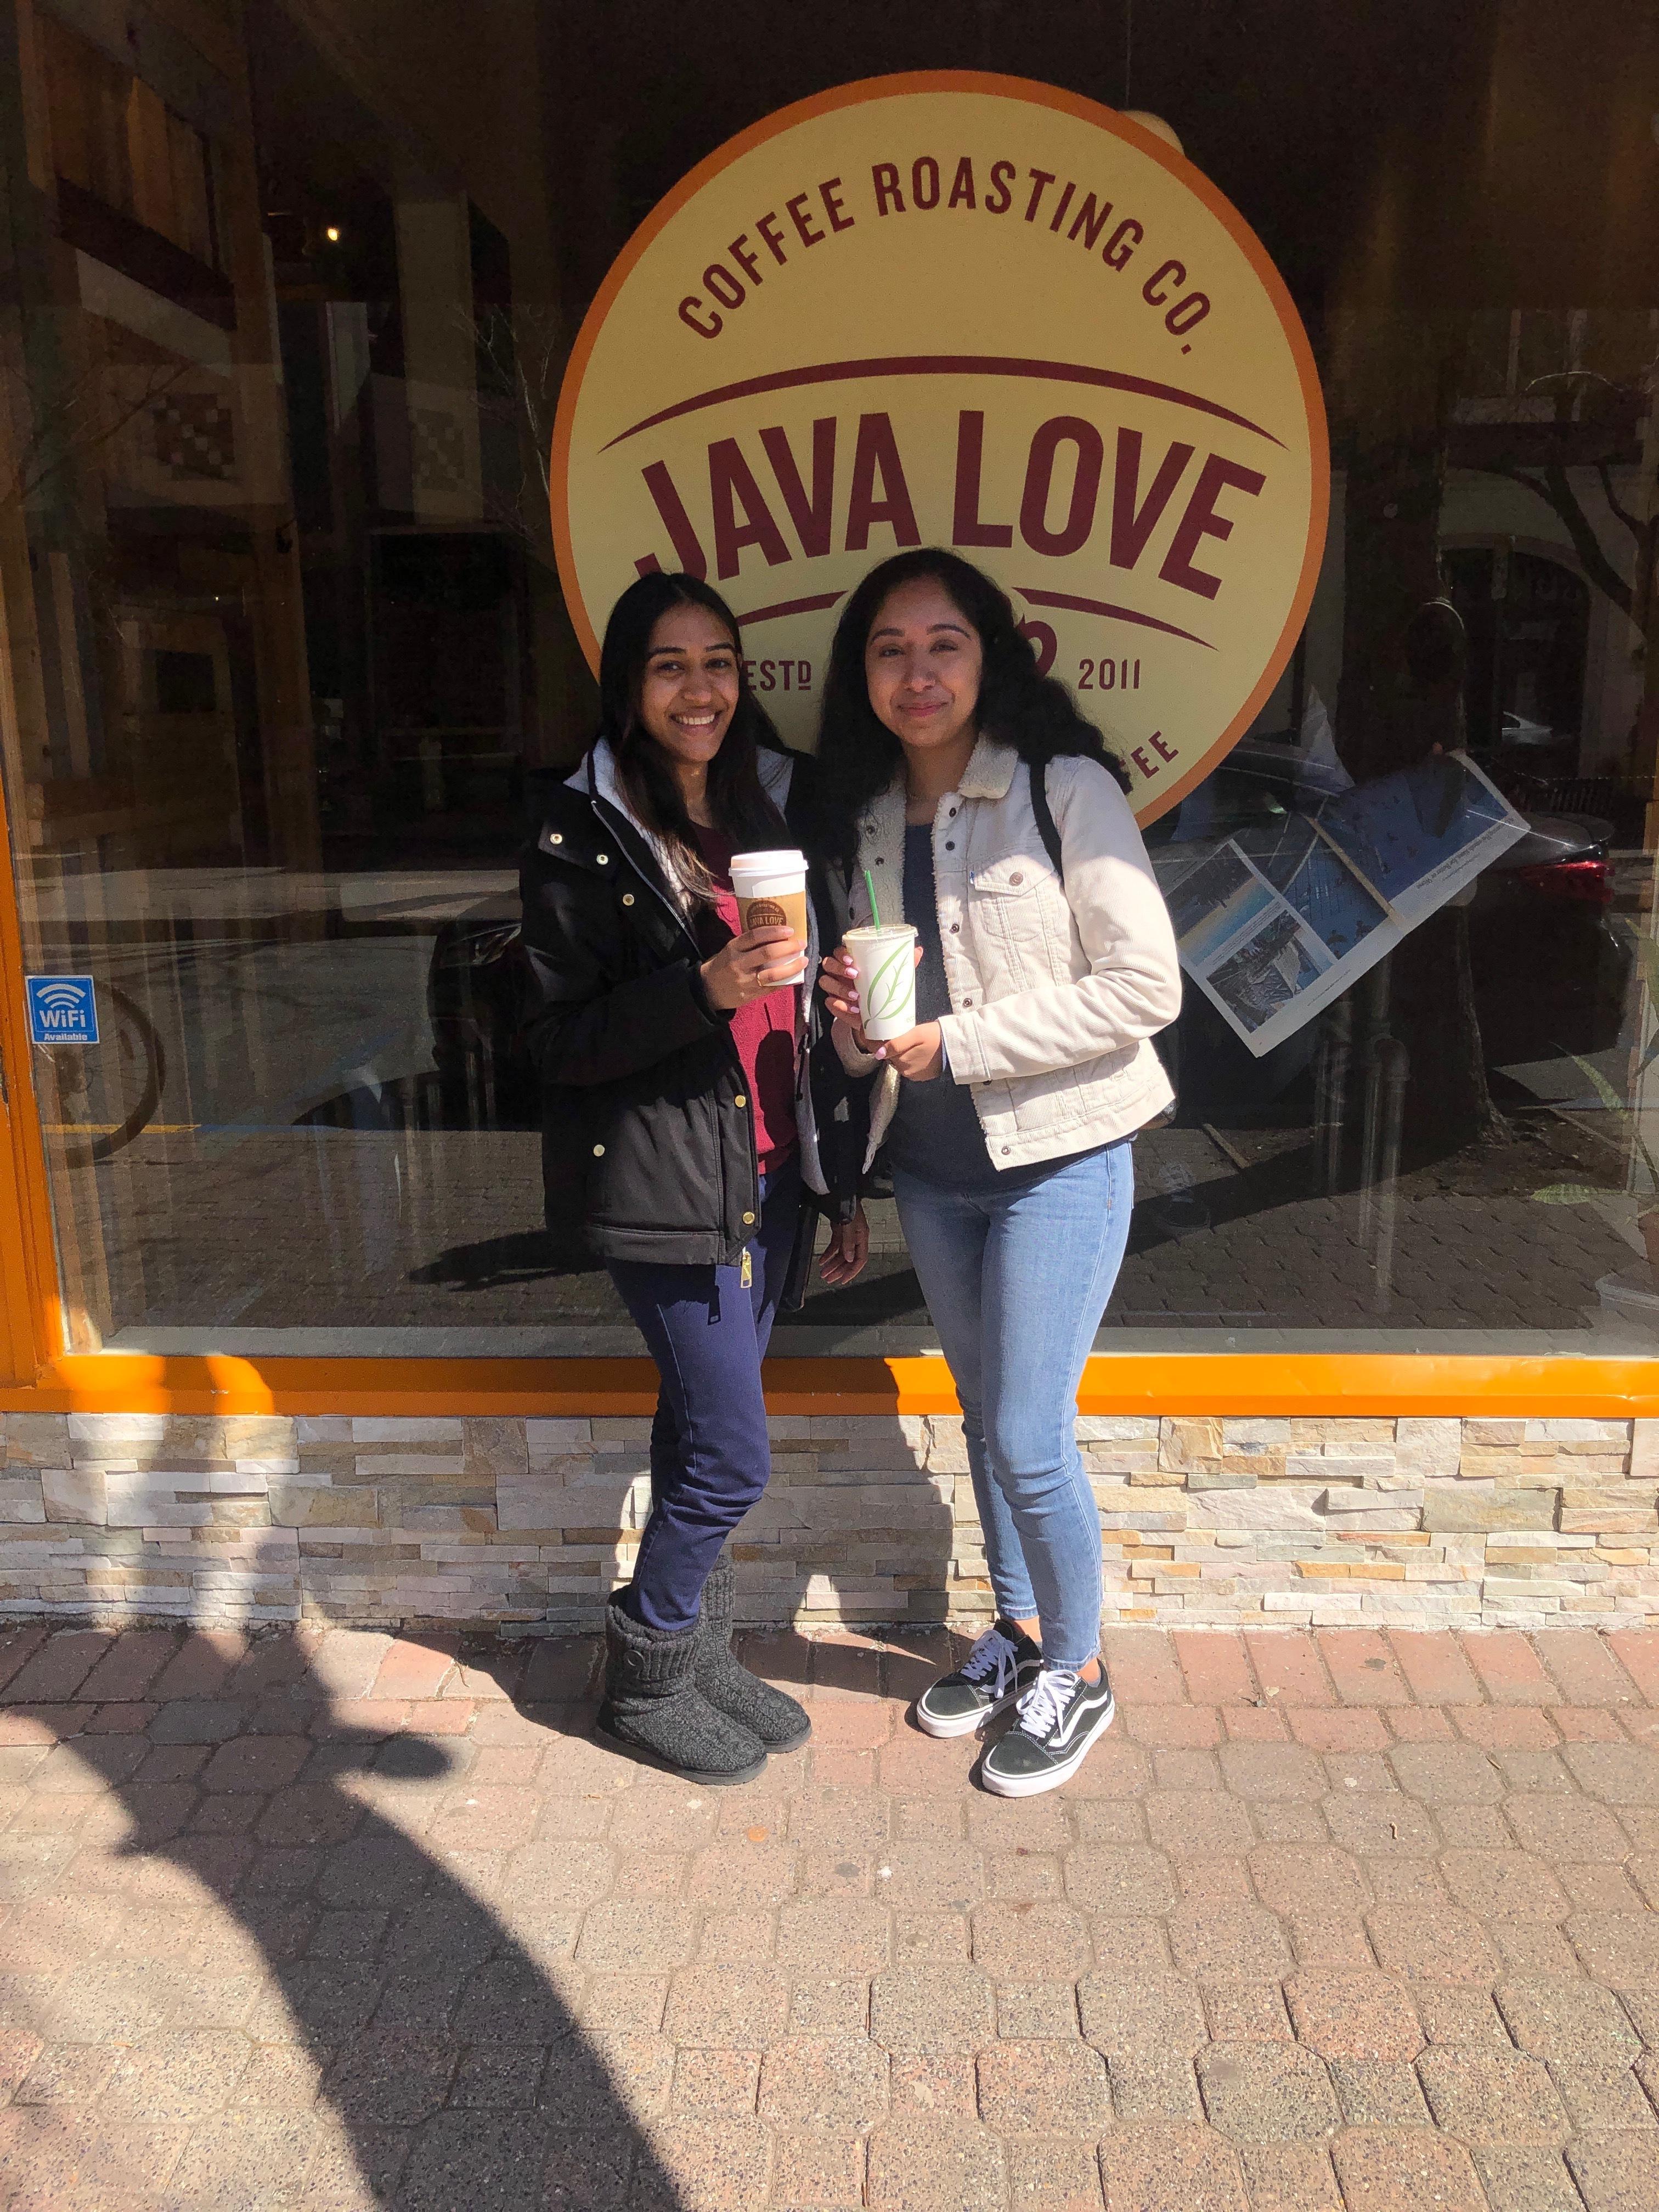 Java Love Coffee Roasting Co.